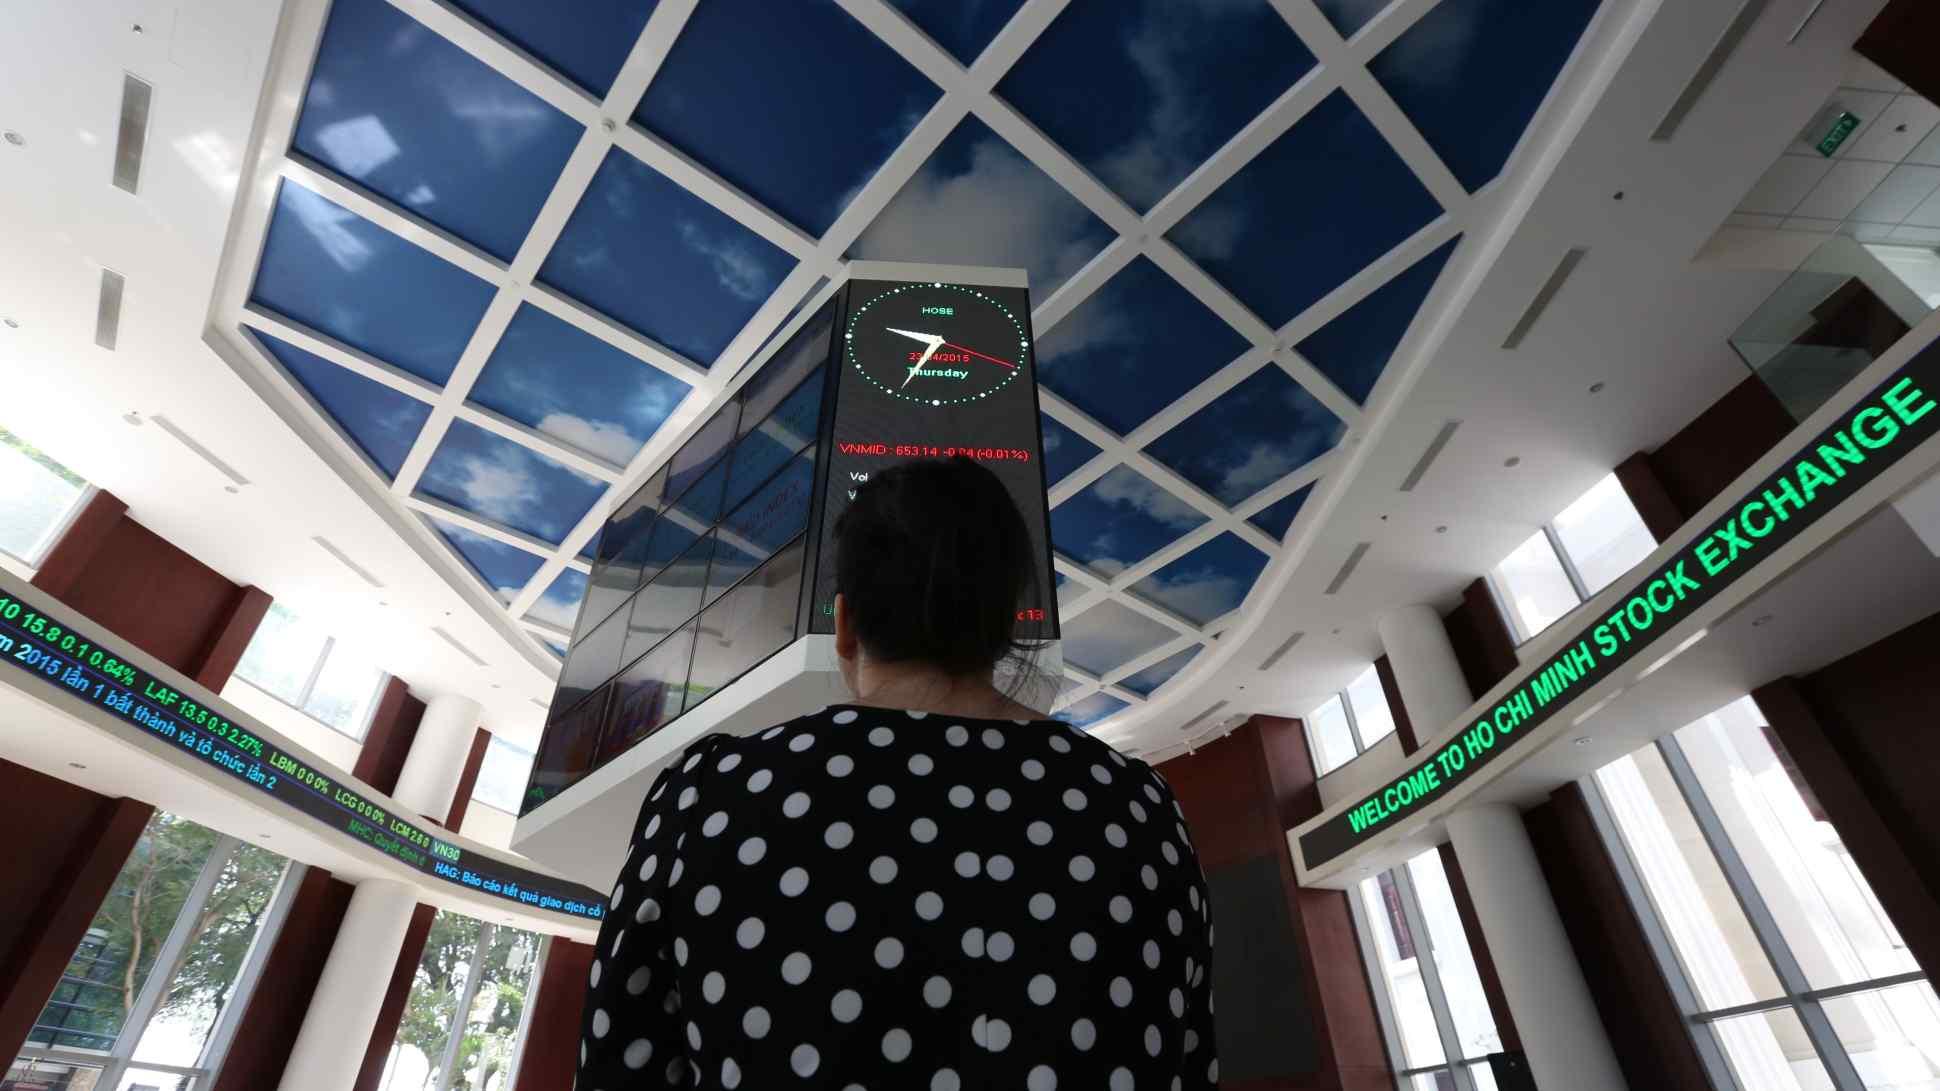 Báo Nhật Bản lý giải 'làn sóng F0' ở thị trường chứng khoán Việt Nam